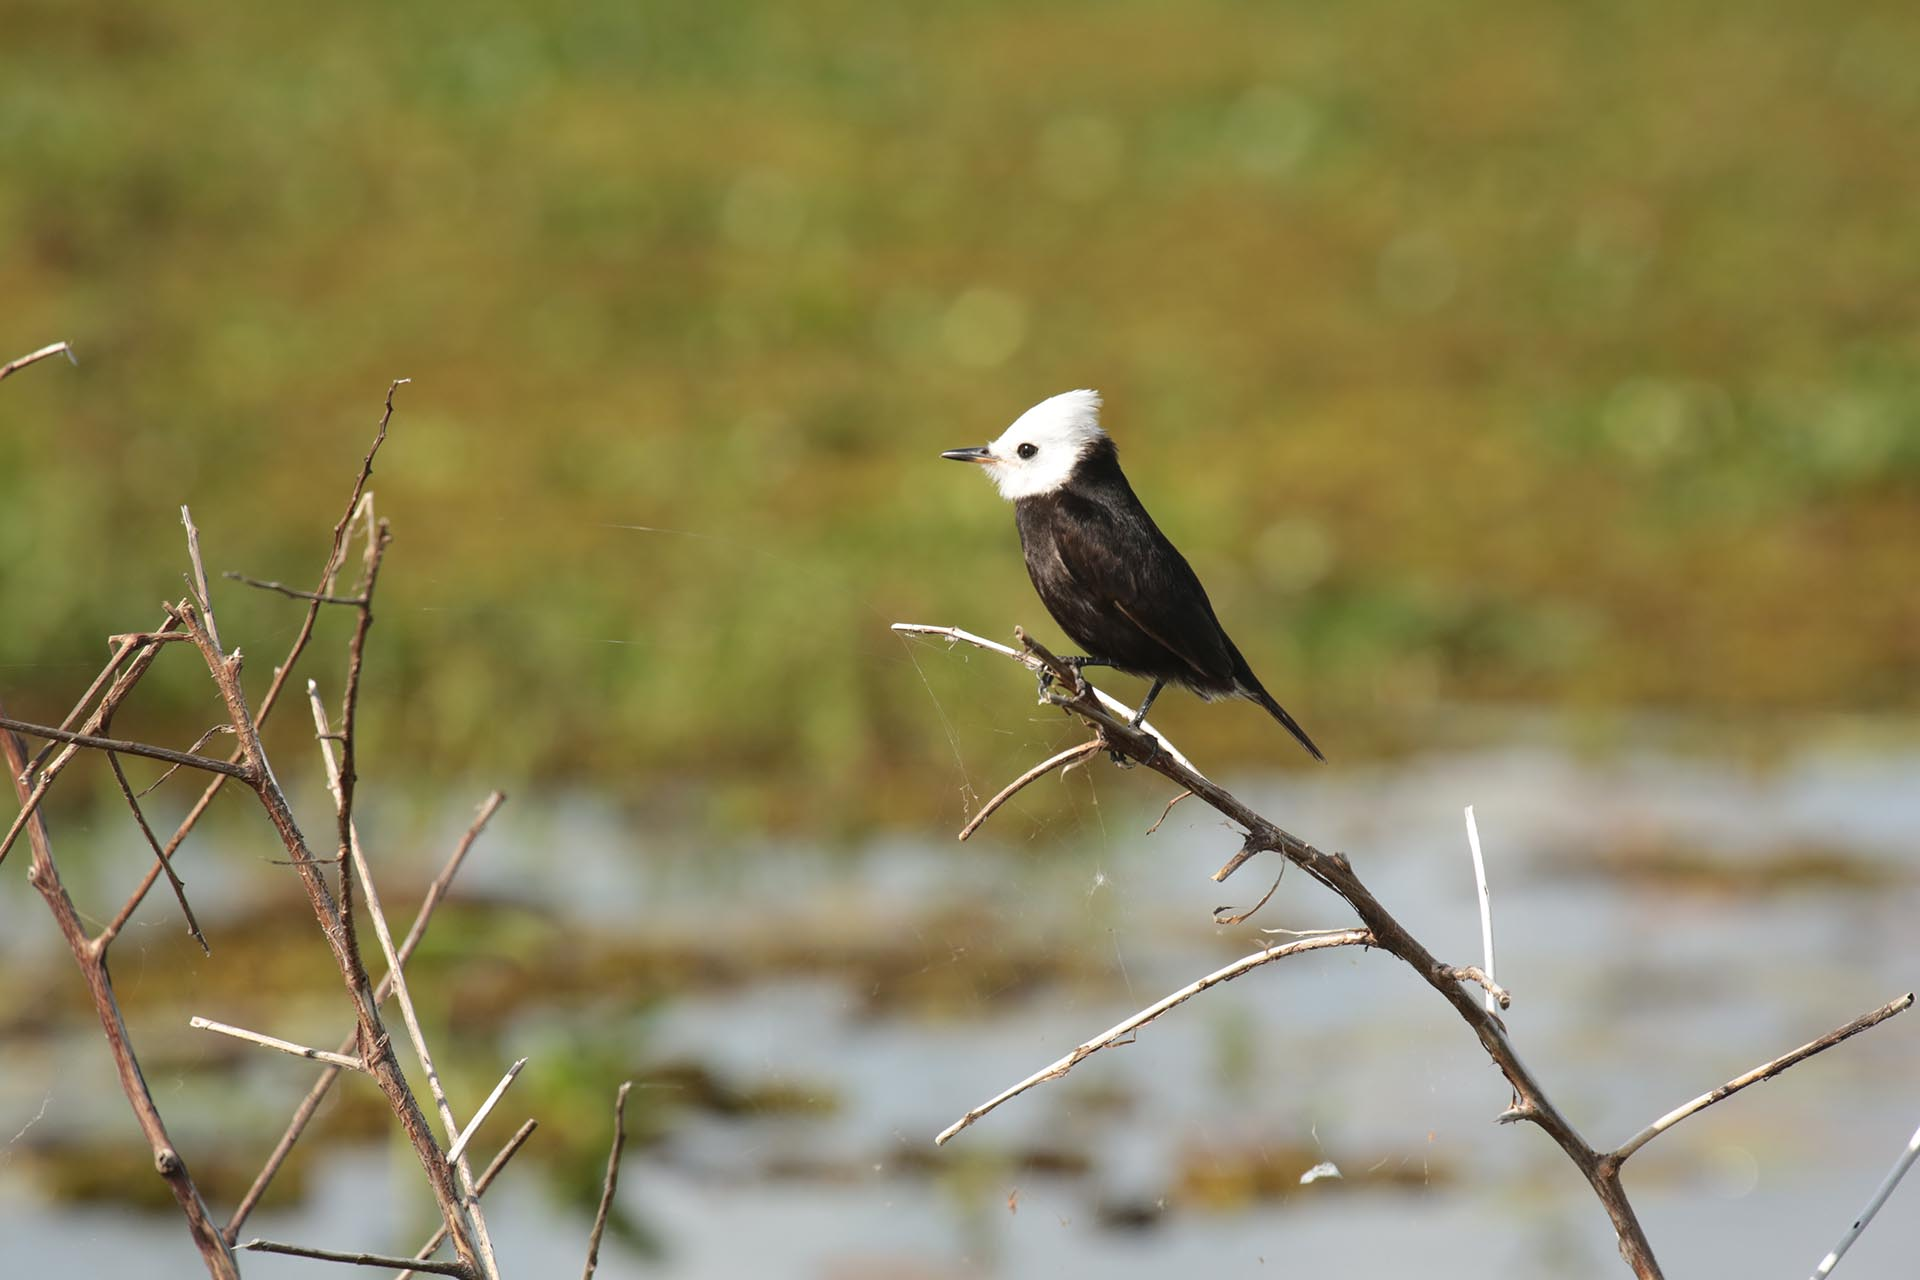 Es una de las mayores reservas de vida silvestre del país. Justamente, hasta el 28 de mayo se realiza una importante feria en Colonia Carlos Pellegrini que reúne a profesionales y aficionados del avistaje de aves (en Corrientes hay más de 350 especies), de la naturaleza y del ecoturismo